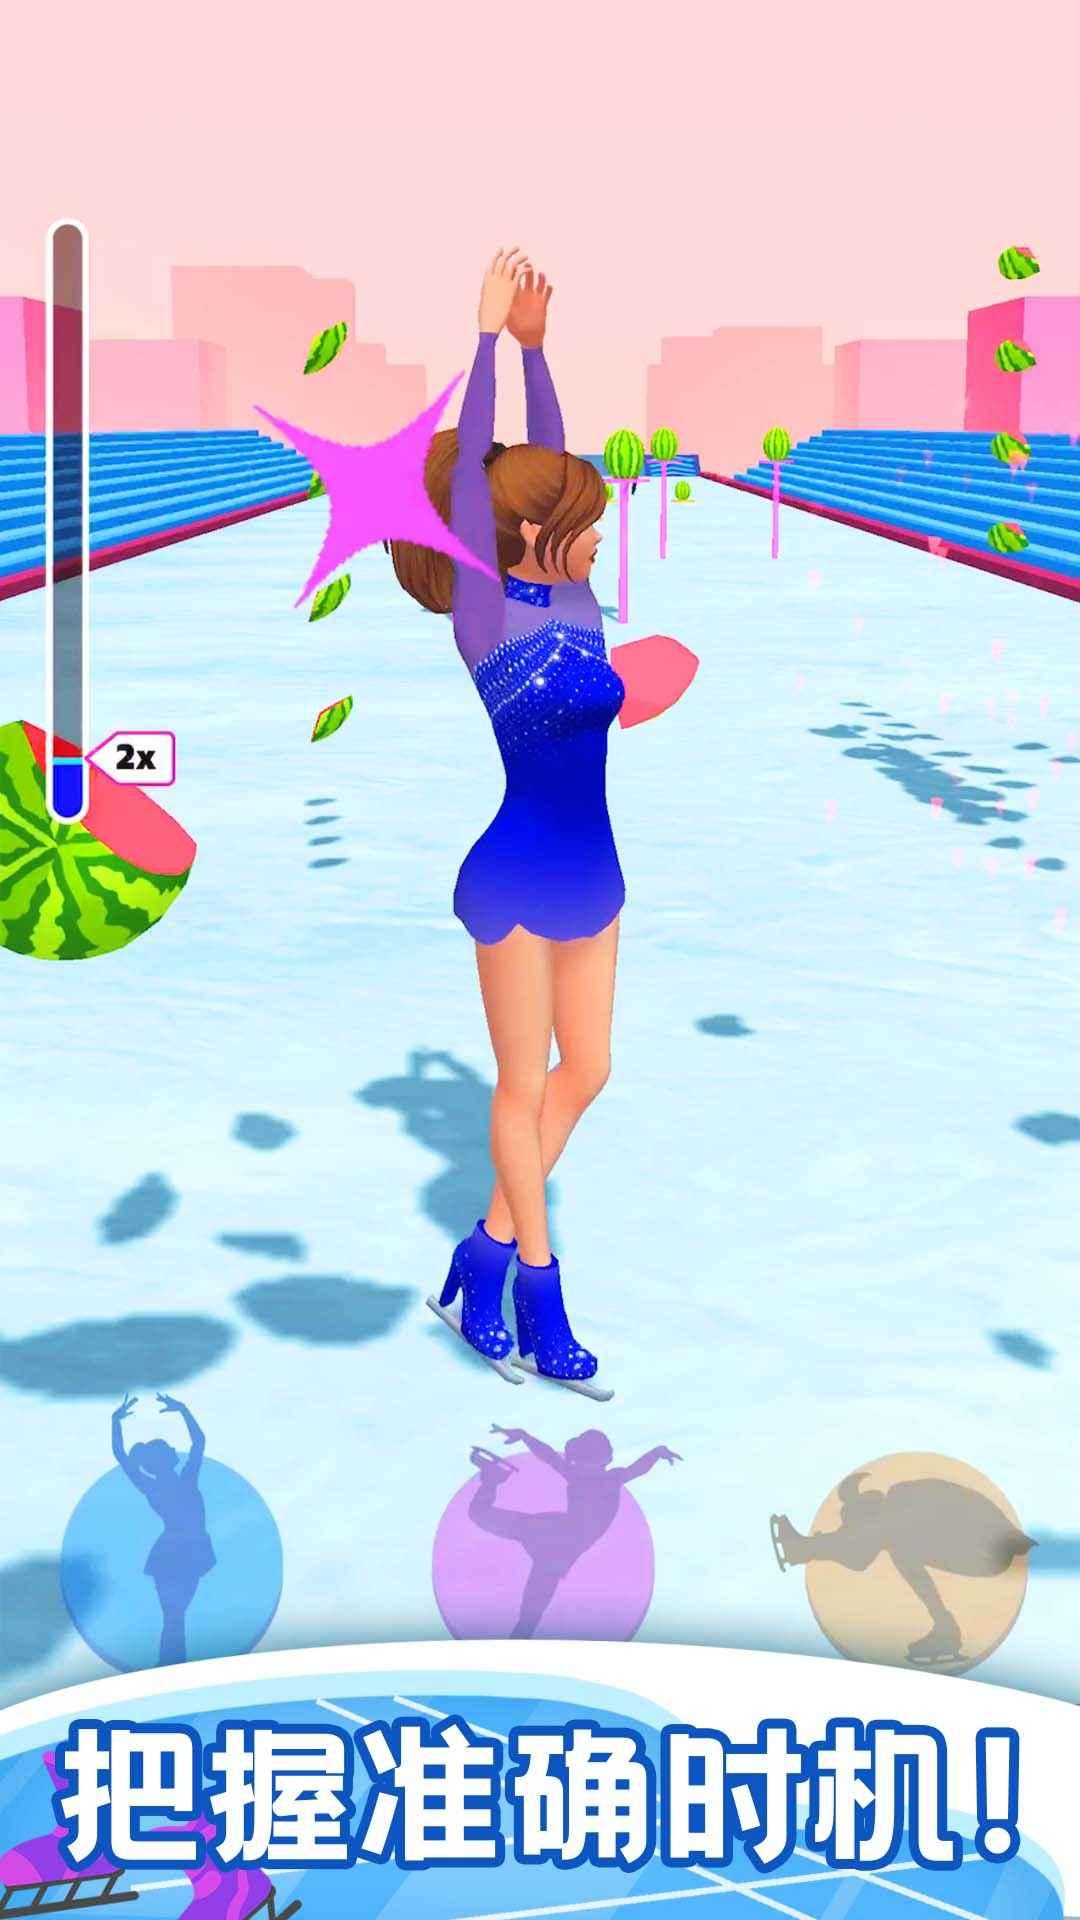 花样滑冰截图1